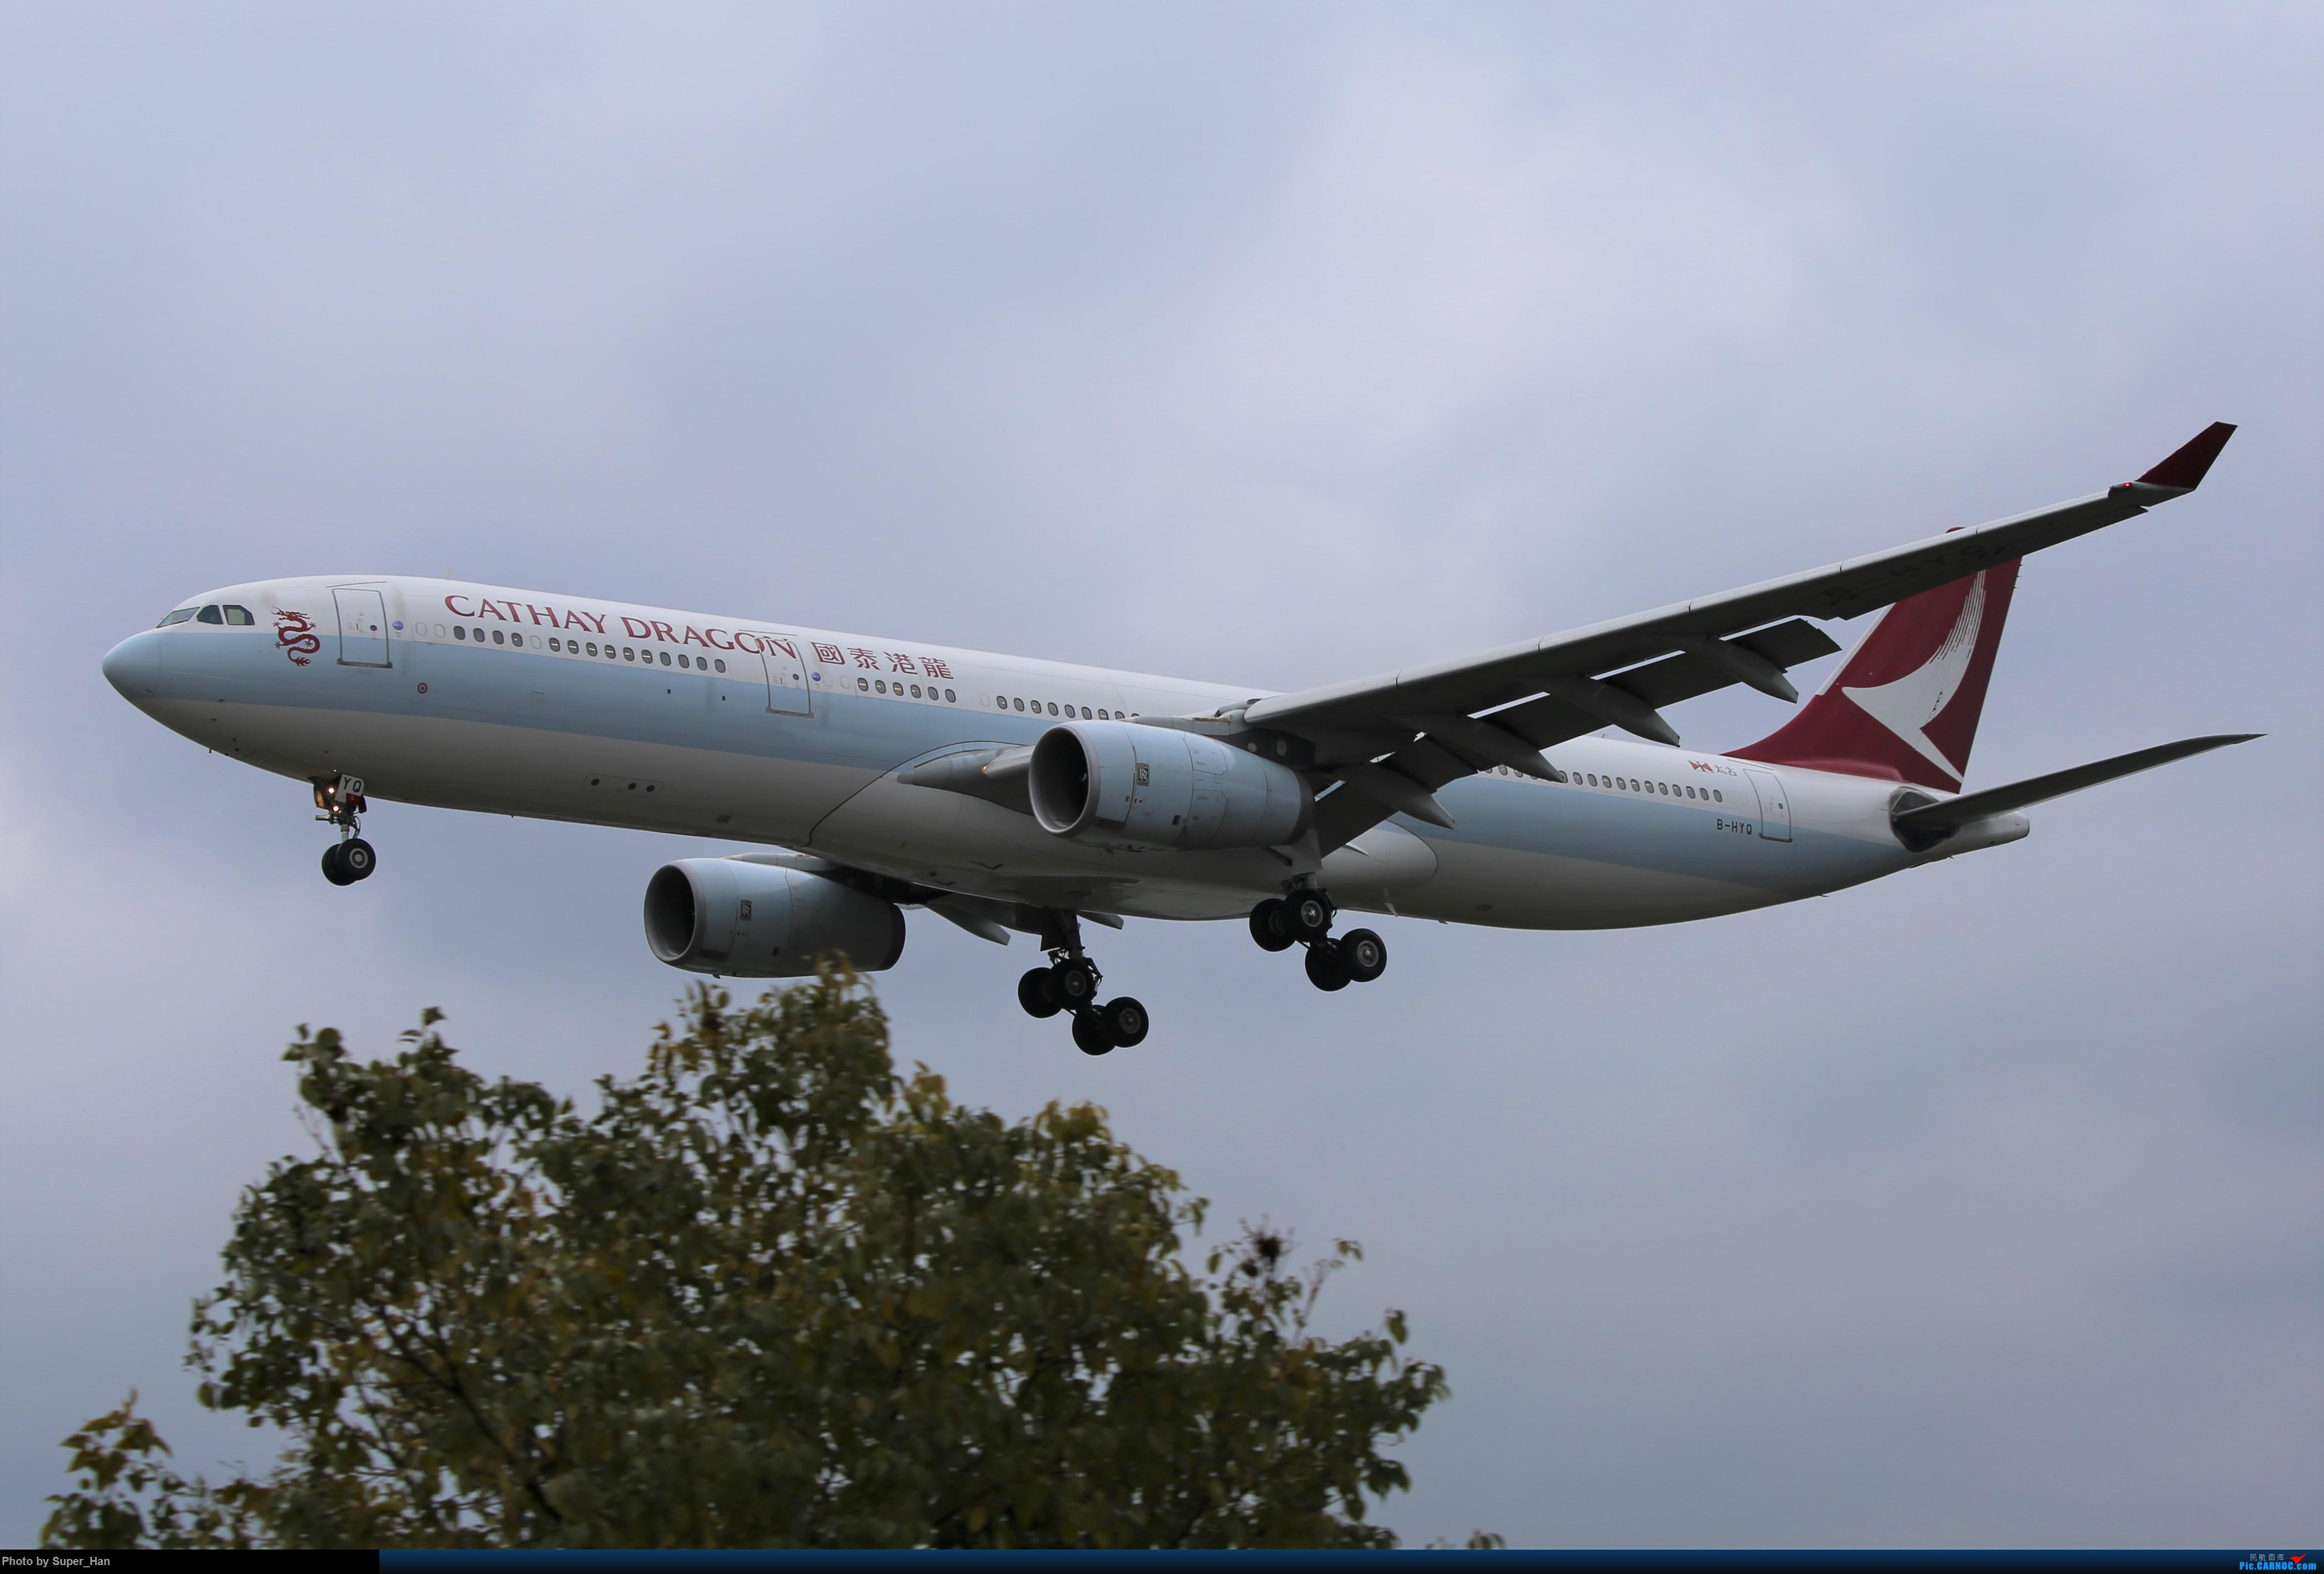 Re:[原创]【杭州飞友会】大雨过后 AIRBUS A330-300 B-HYQ 中国杭州萧山国际机场